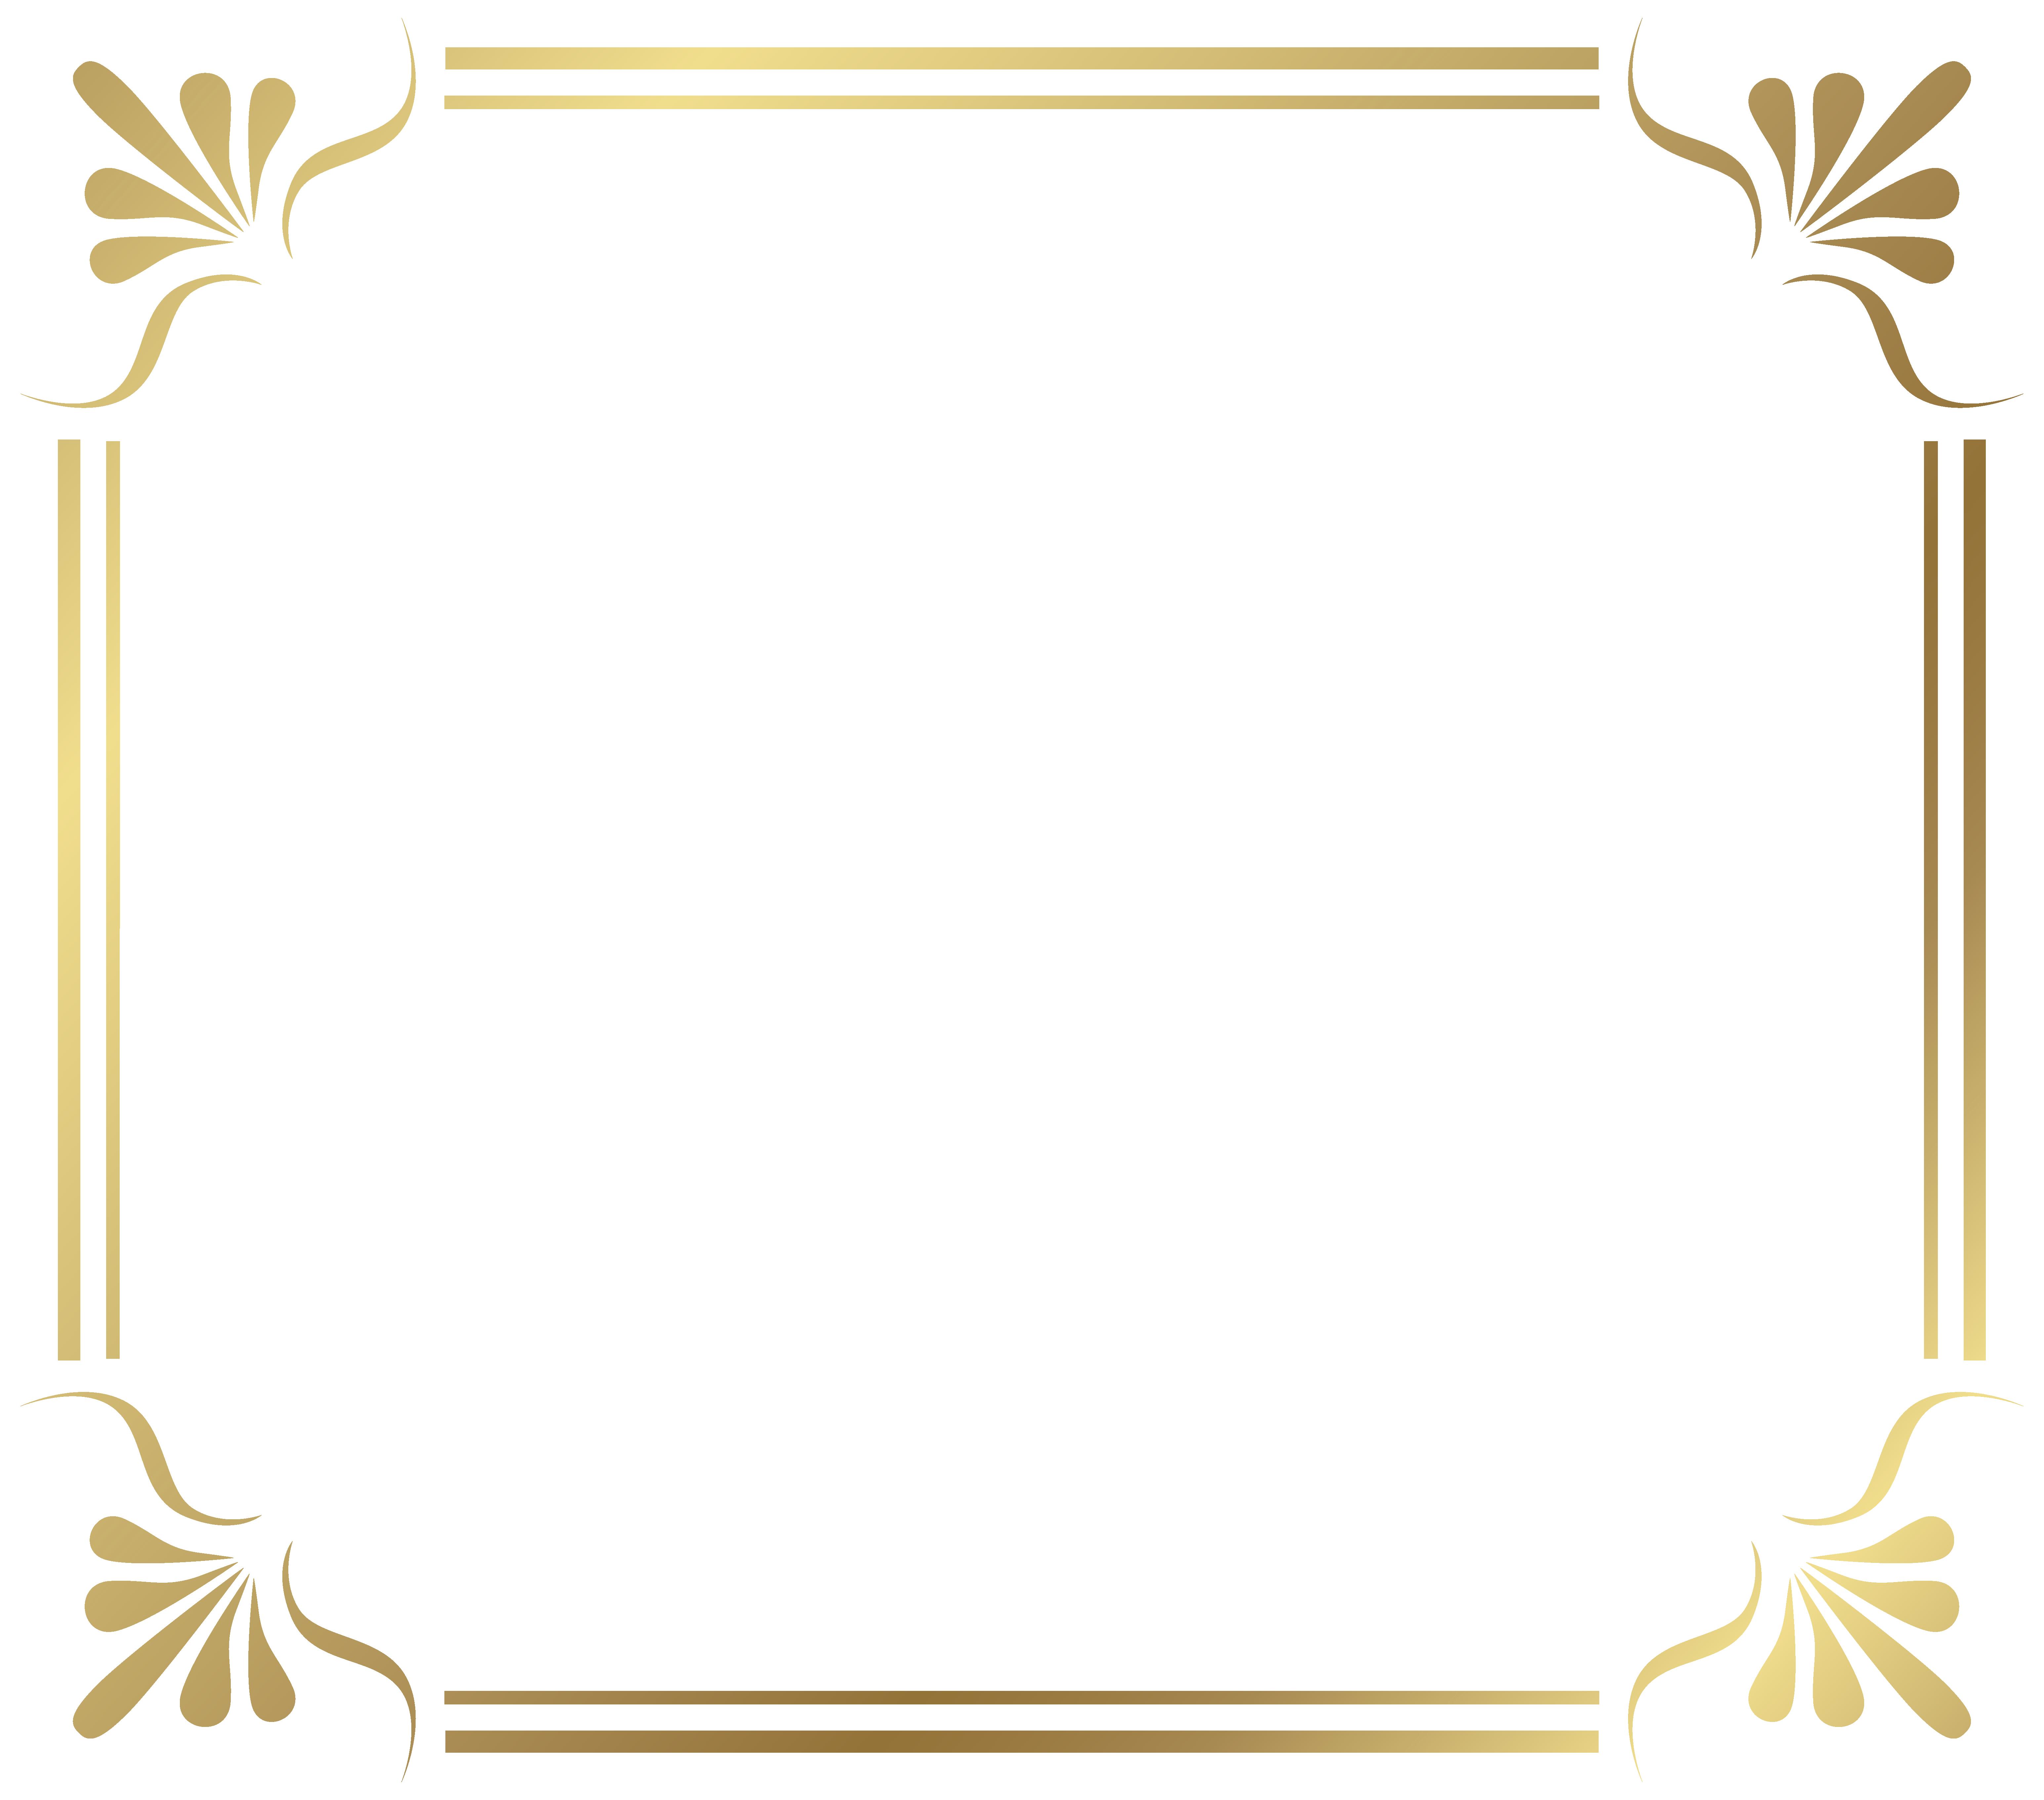 Gold Frame PNG Images Transparent Free Download.